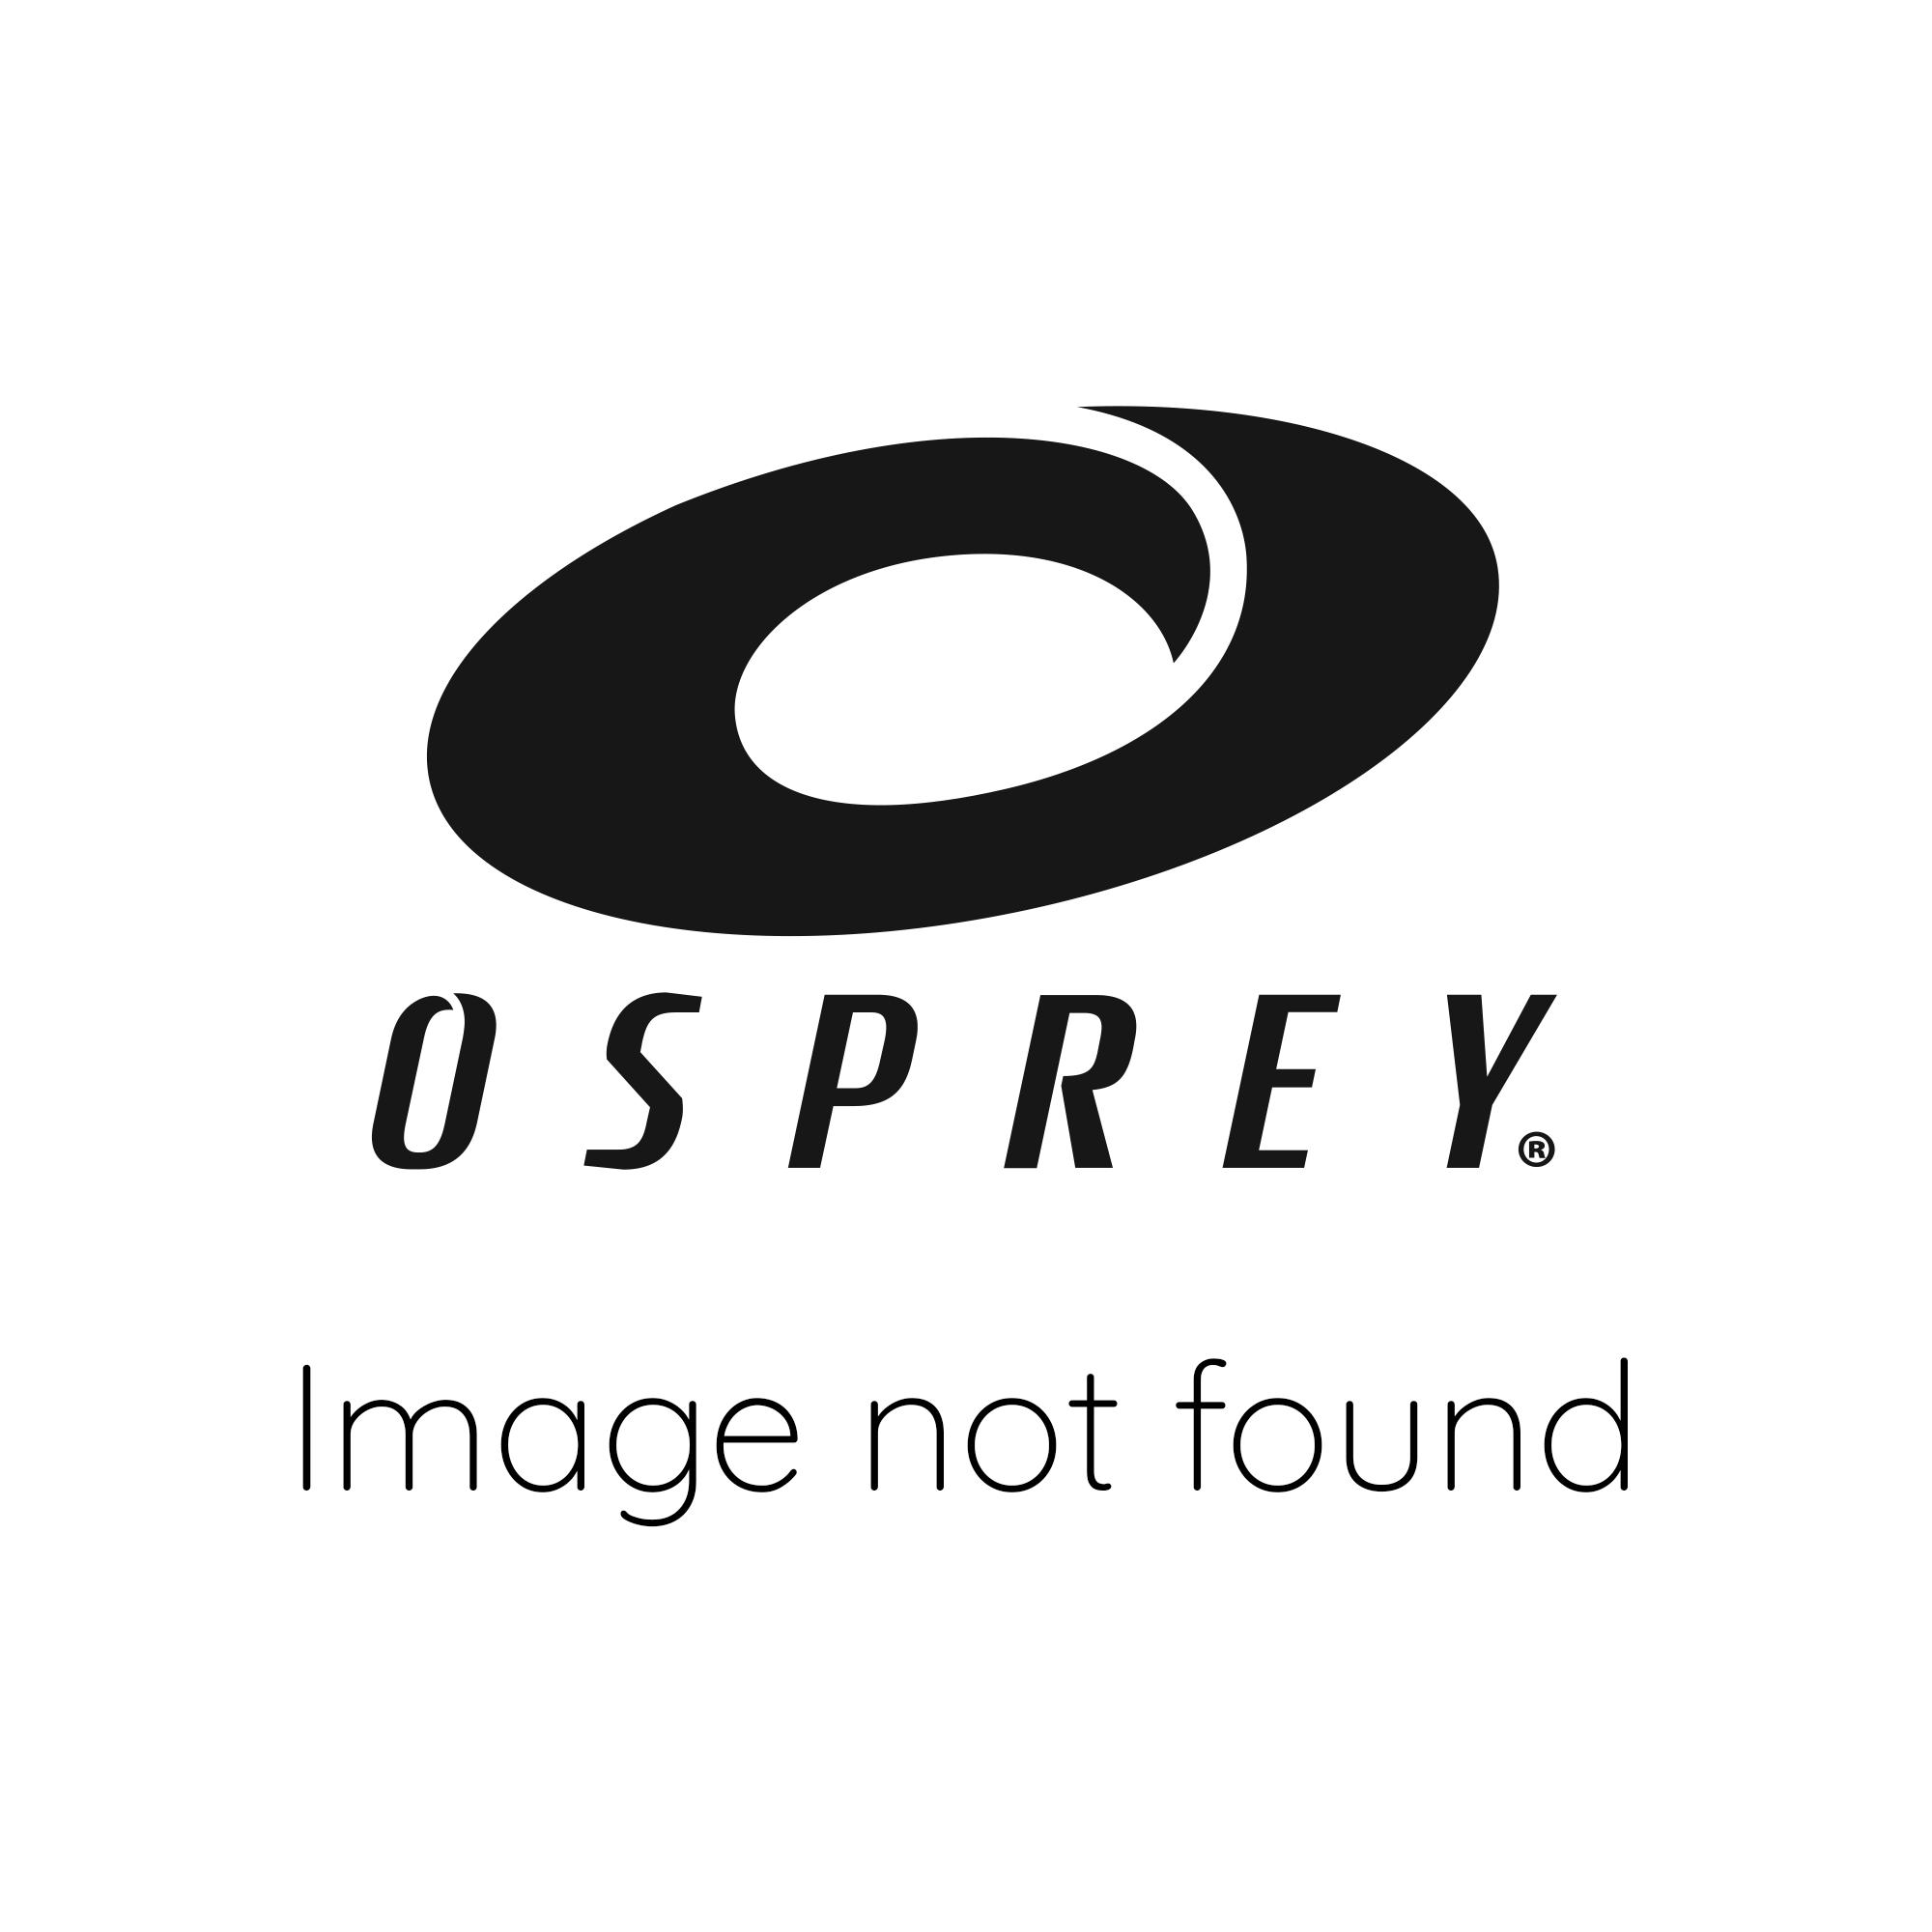 Osprey 7ft Wood Foamie Surfboard